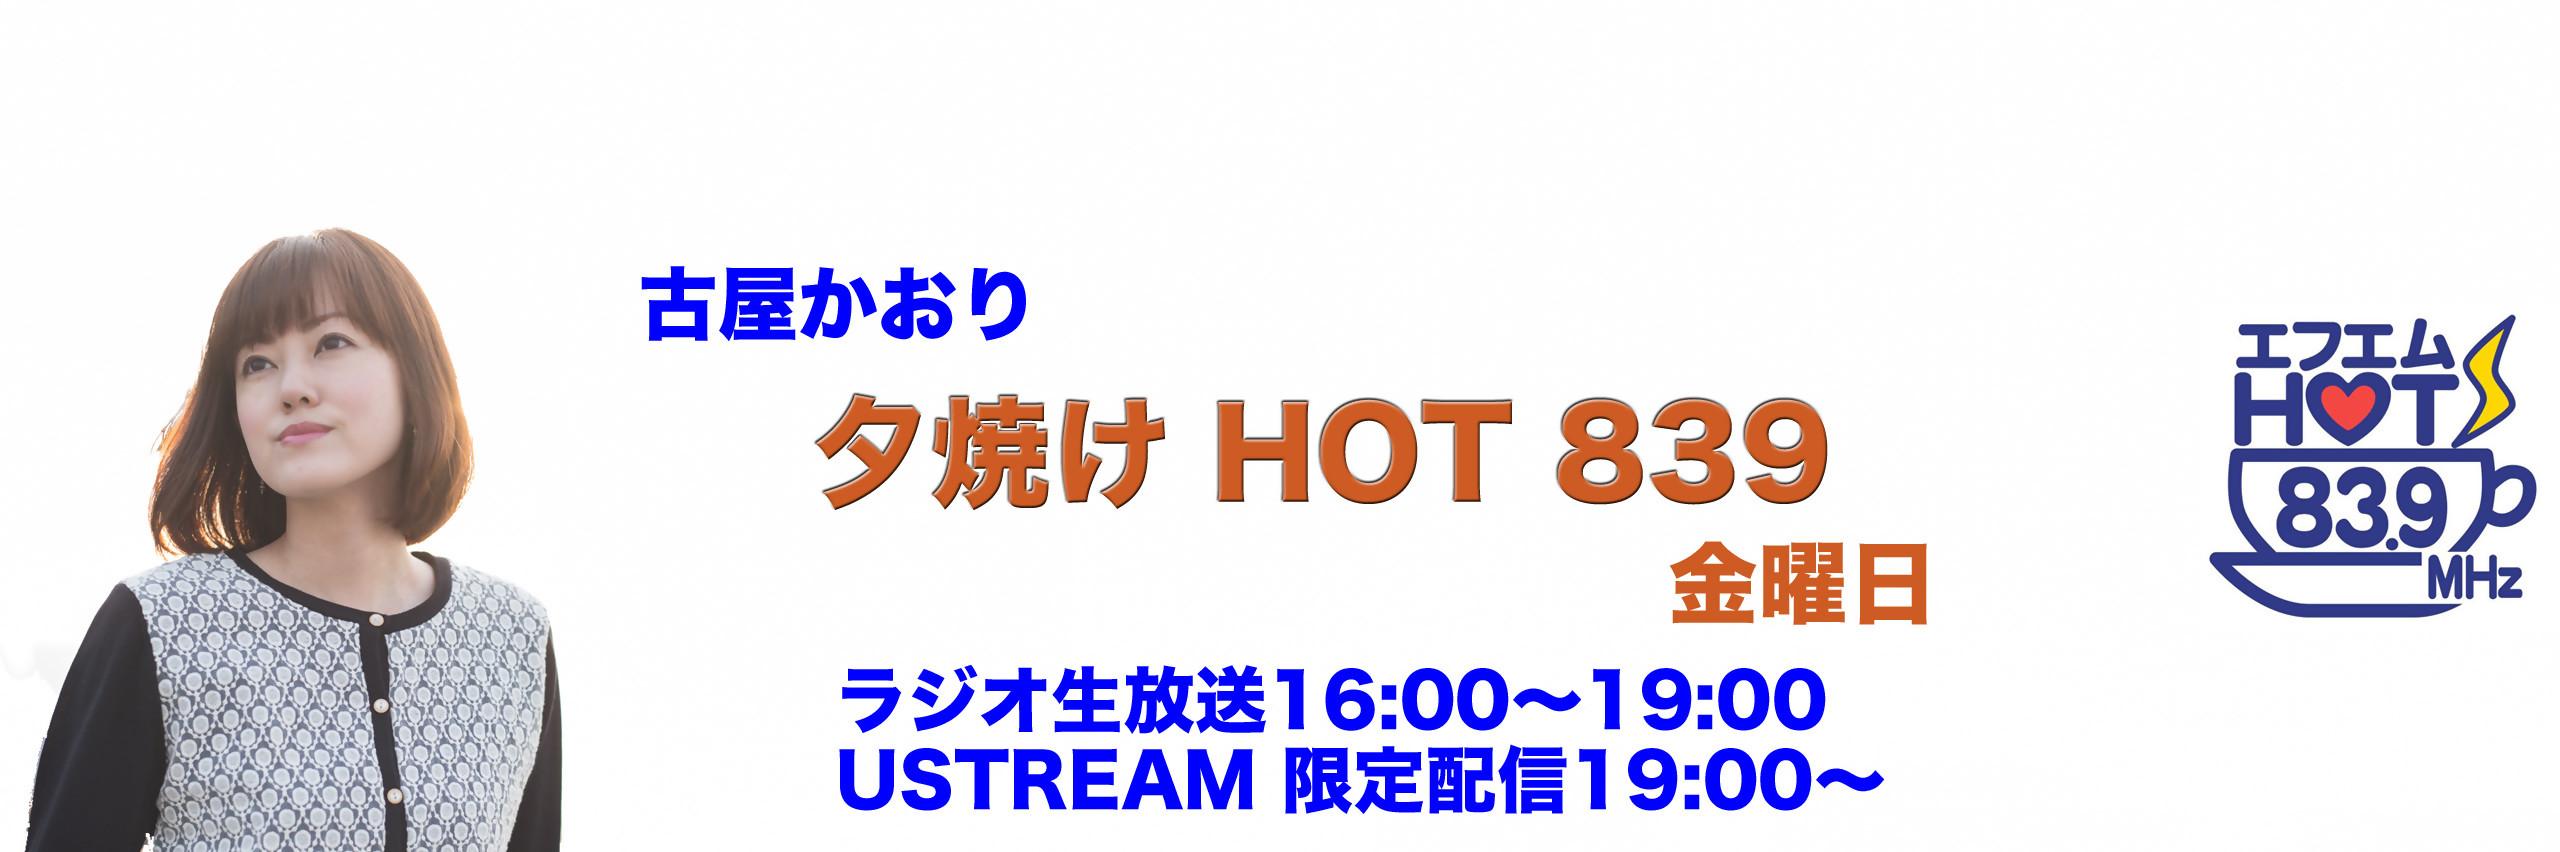 FM HOT 839 古屋かおり「夕焼けHOT 」金曜日